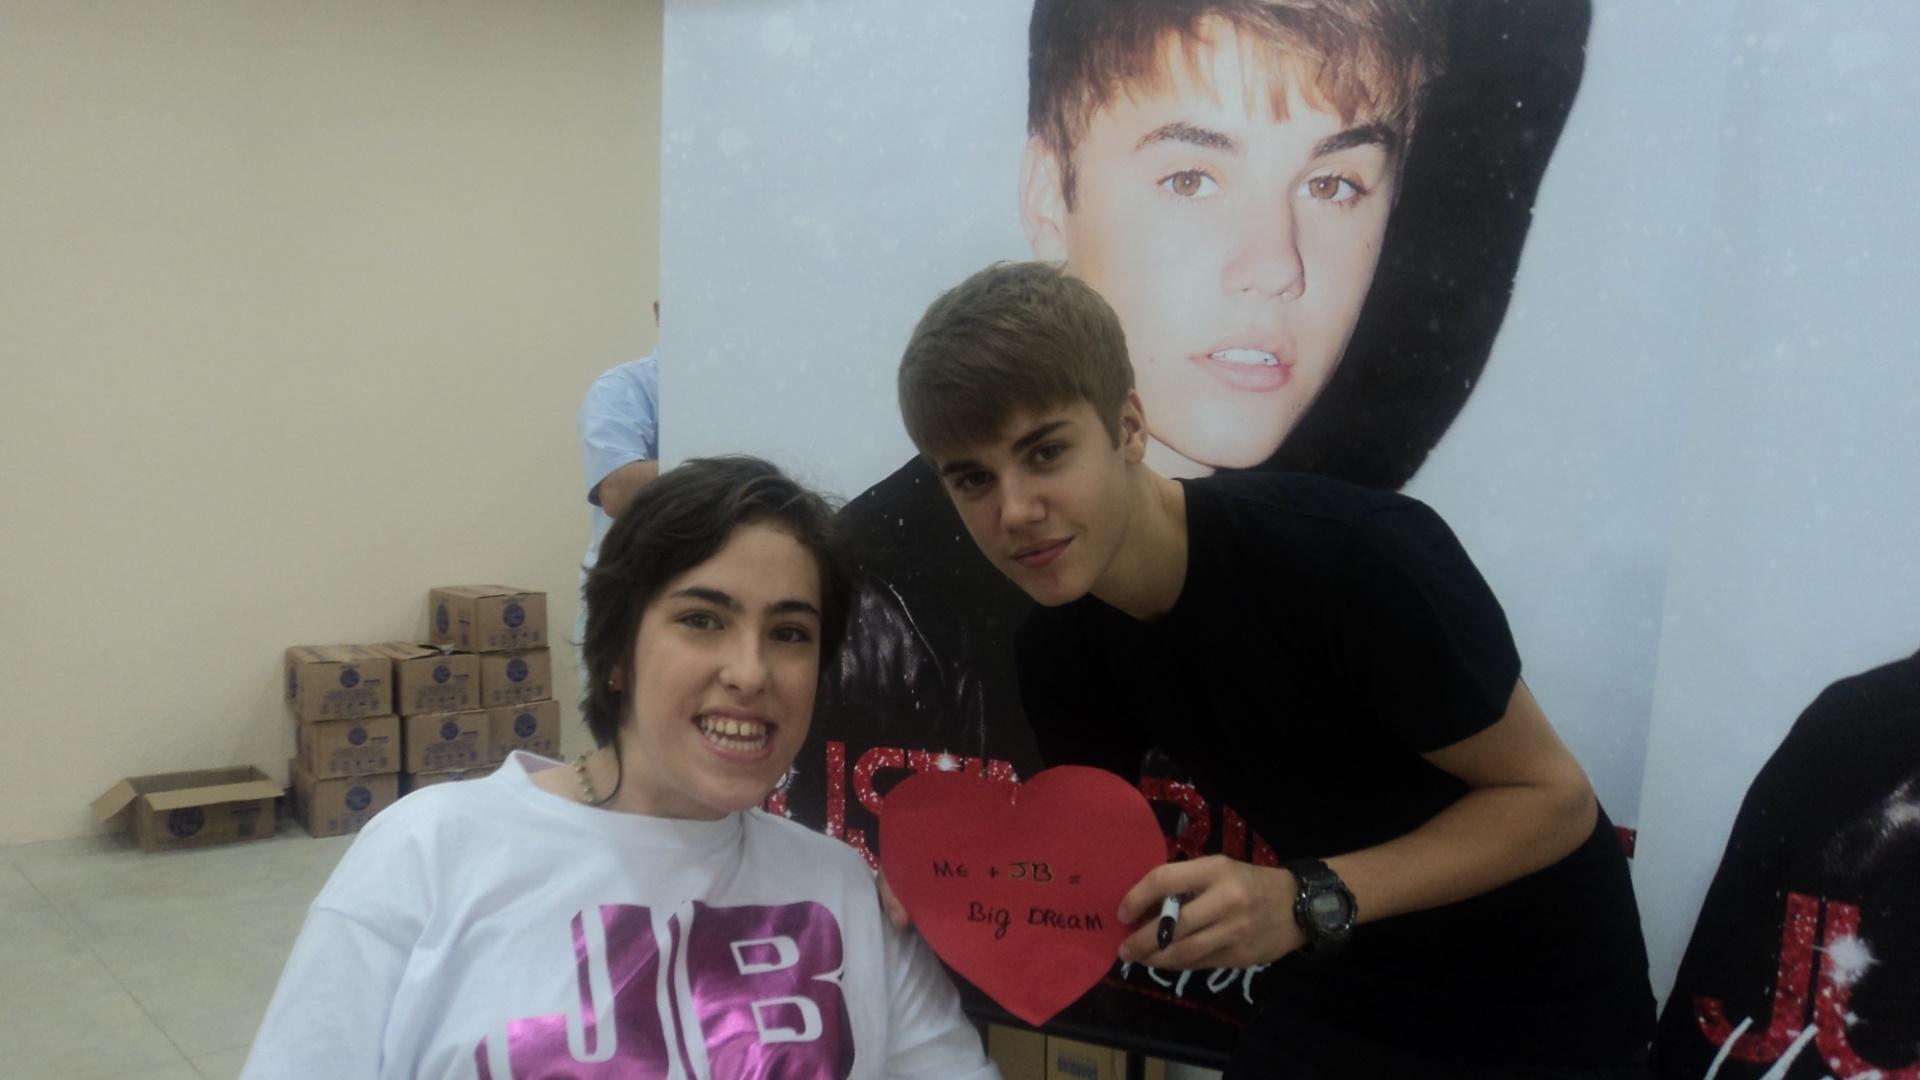 Justin Bieber recebe fã no camarim, no Rio de Janeiro (6/10/2011)